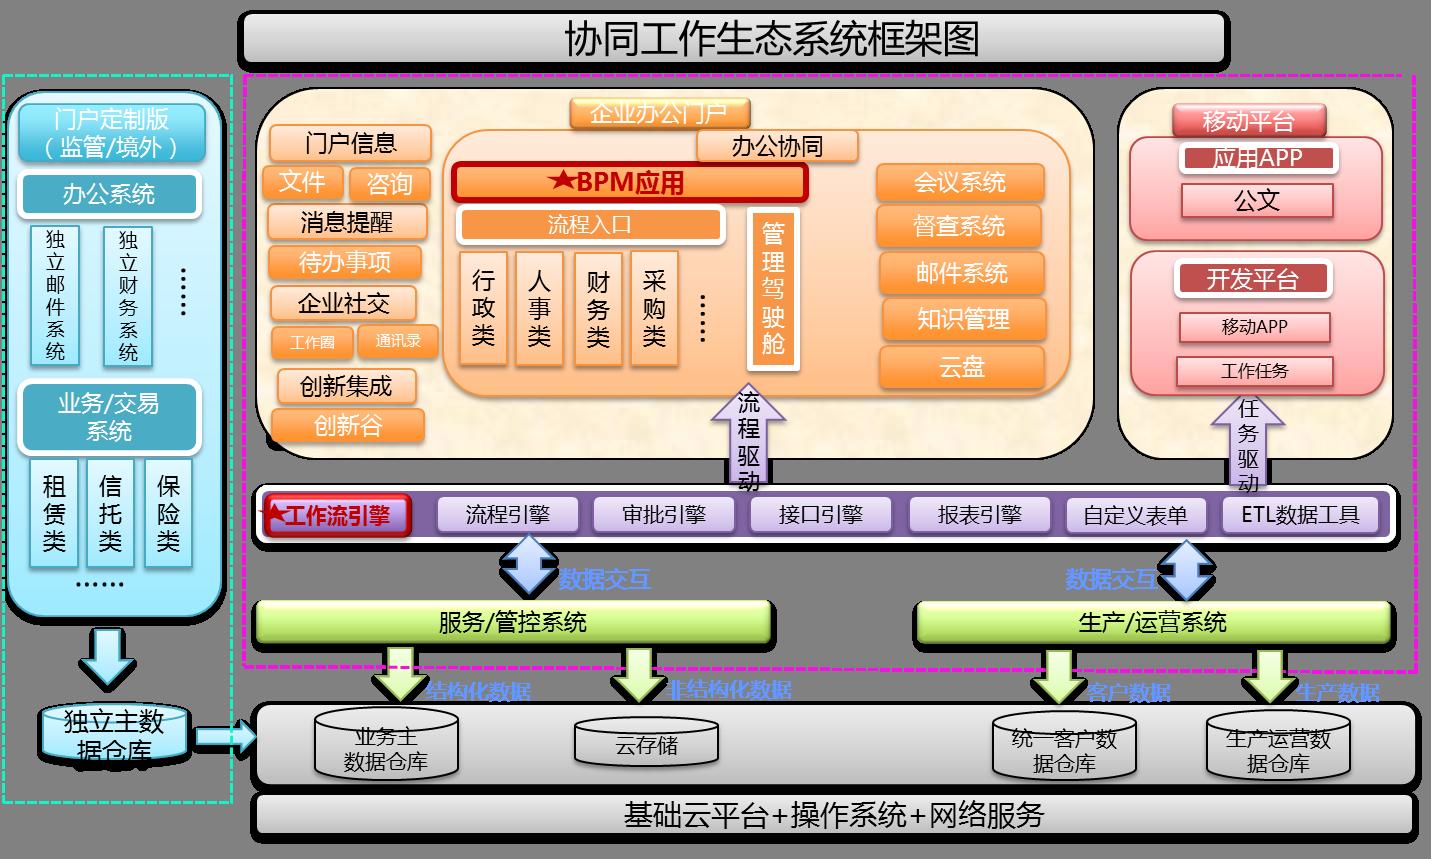 以业务模块驱动的K2 BPM航空业协同办公平台